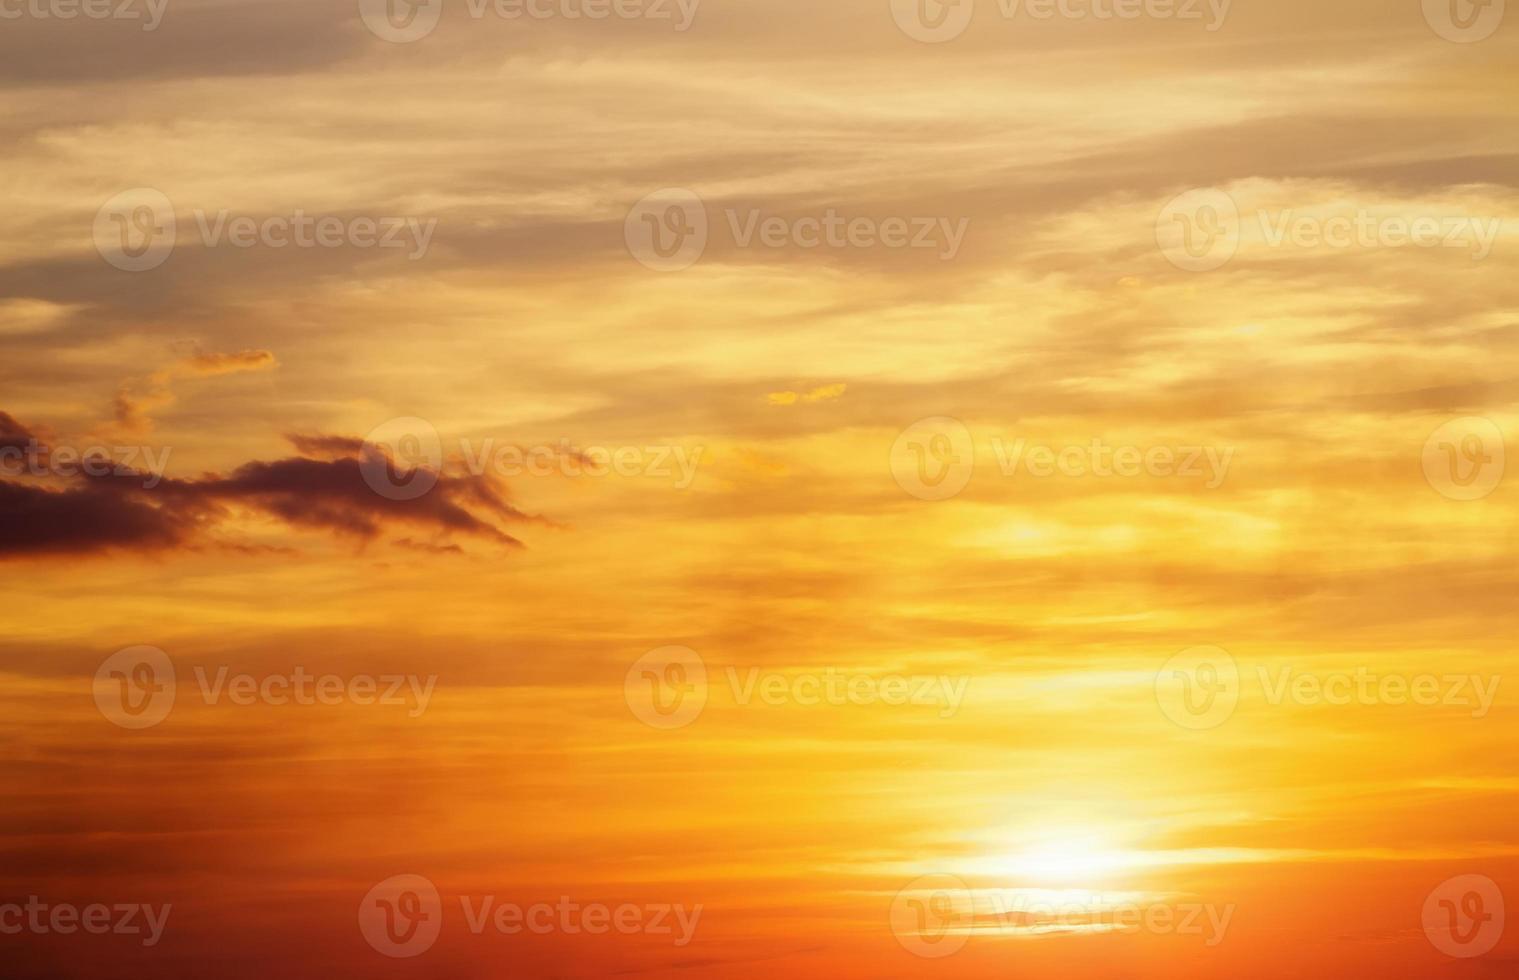 céu do sol laranja ardente. foto